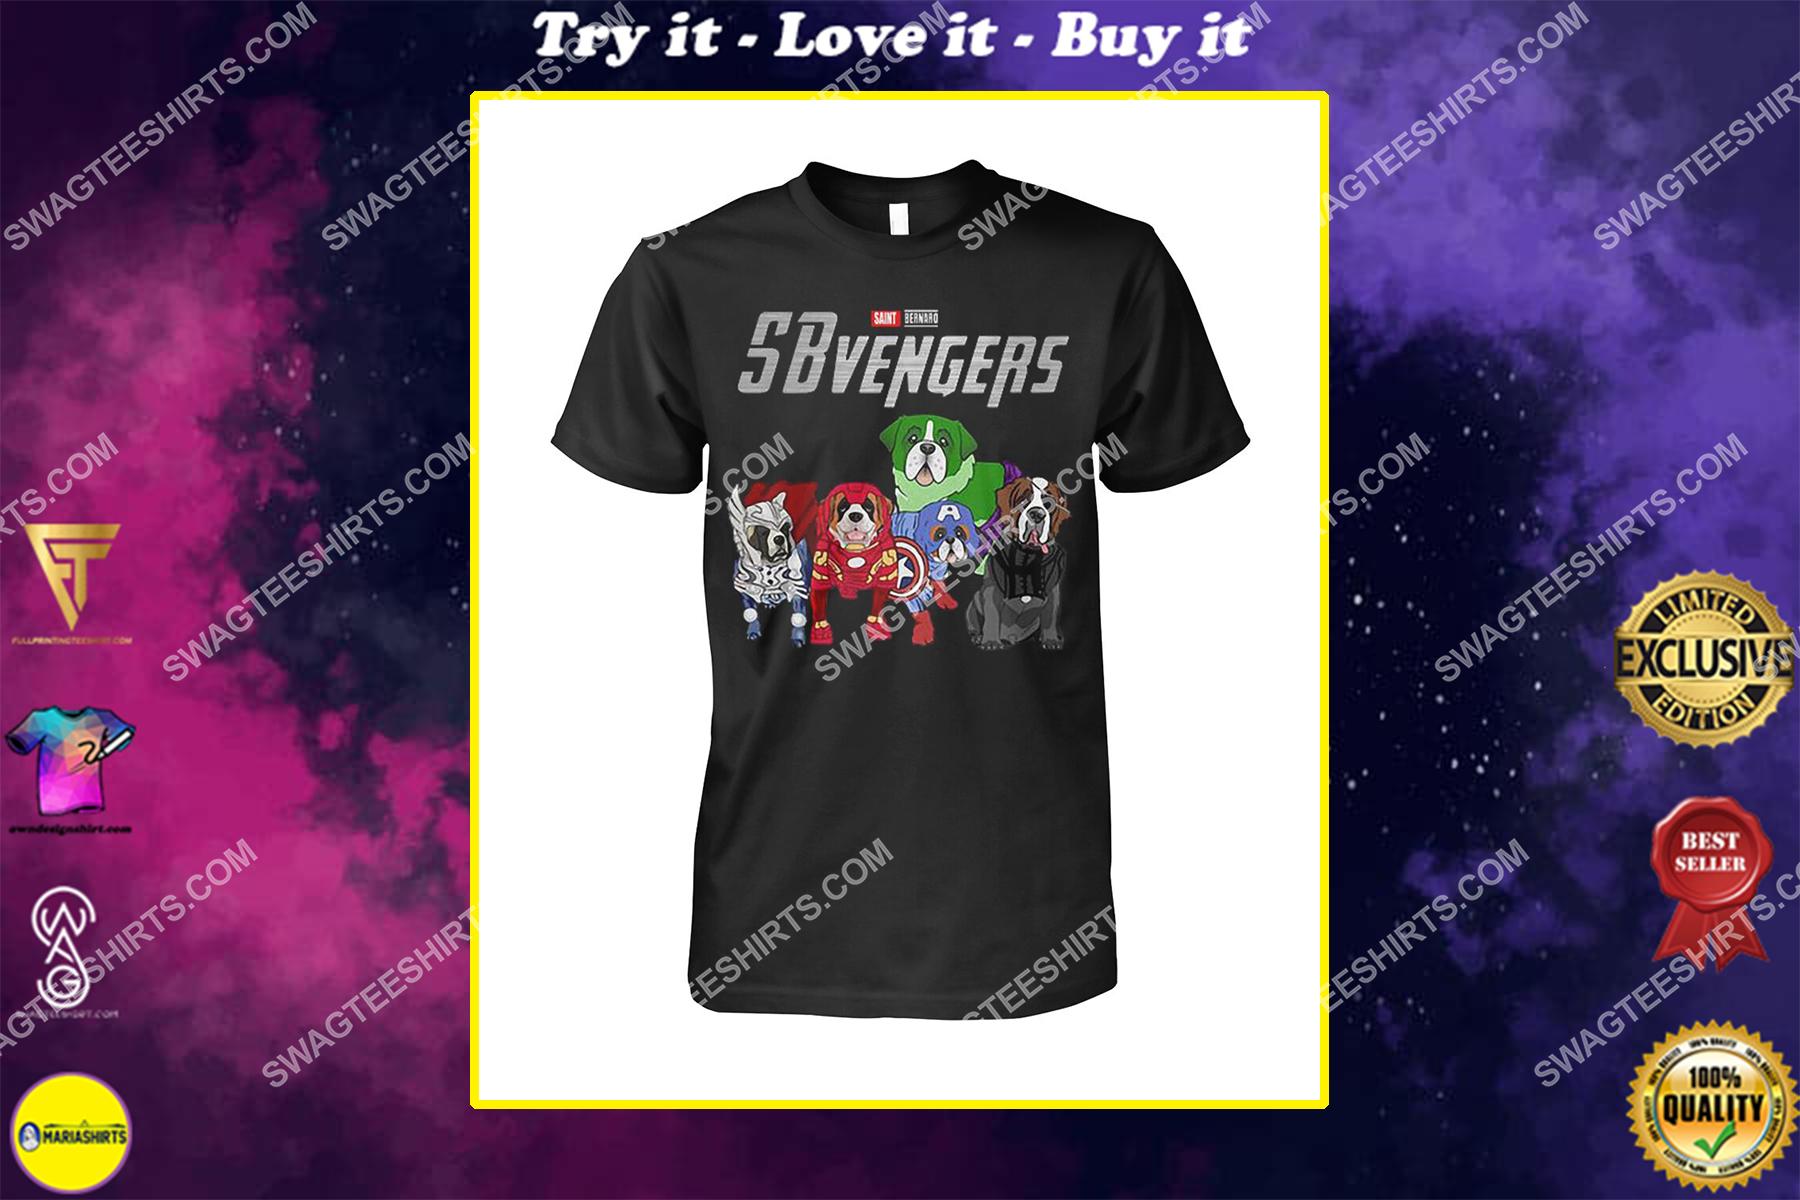 saint bernard sbvengers marvel avengers dogs lover shirt